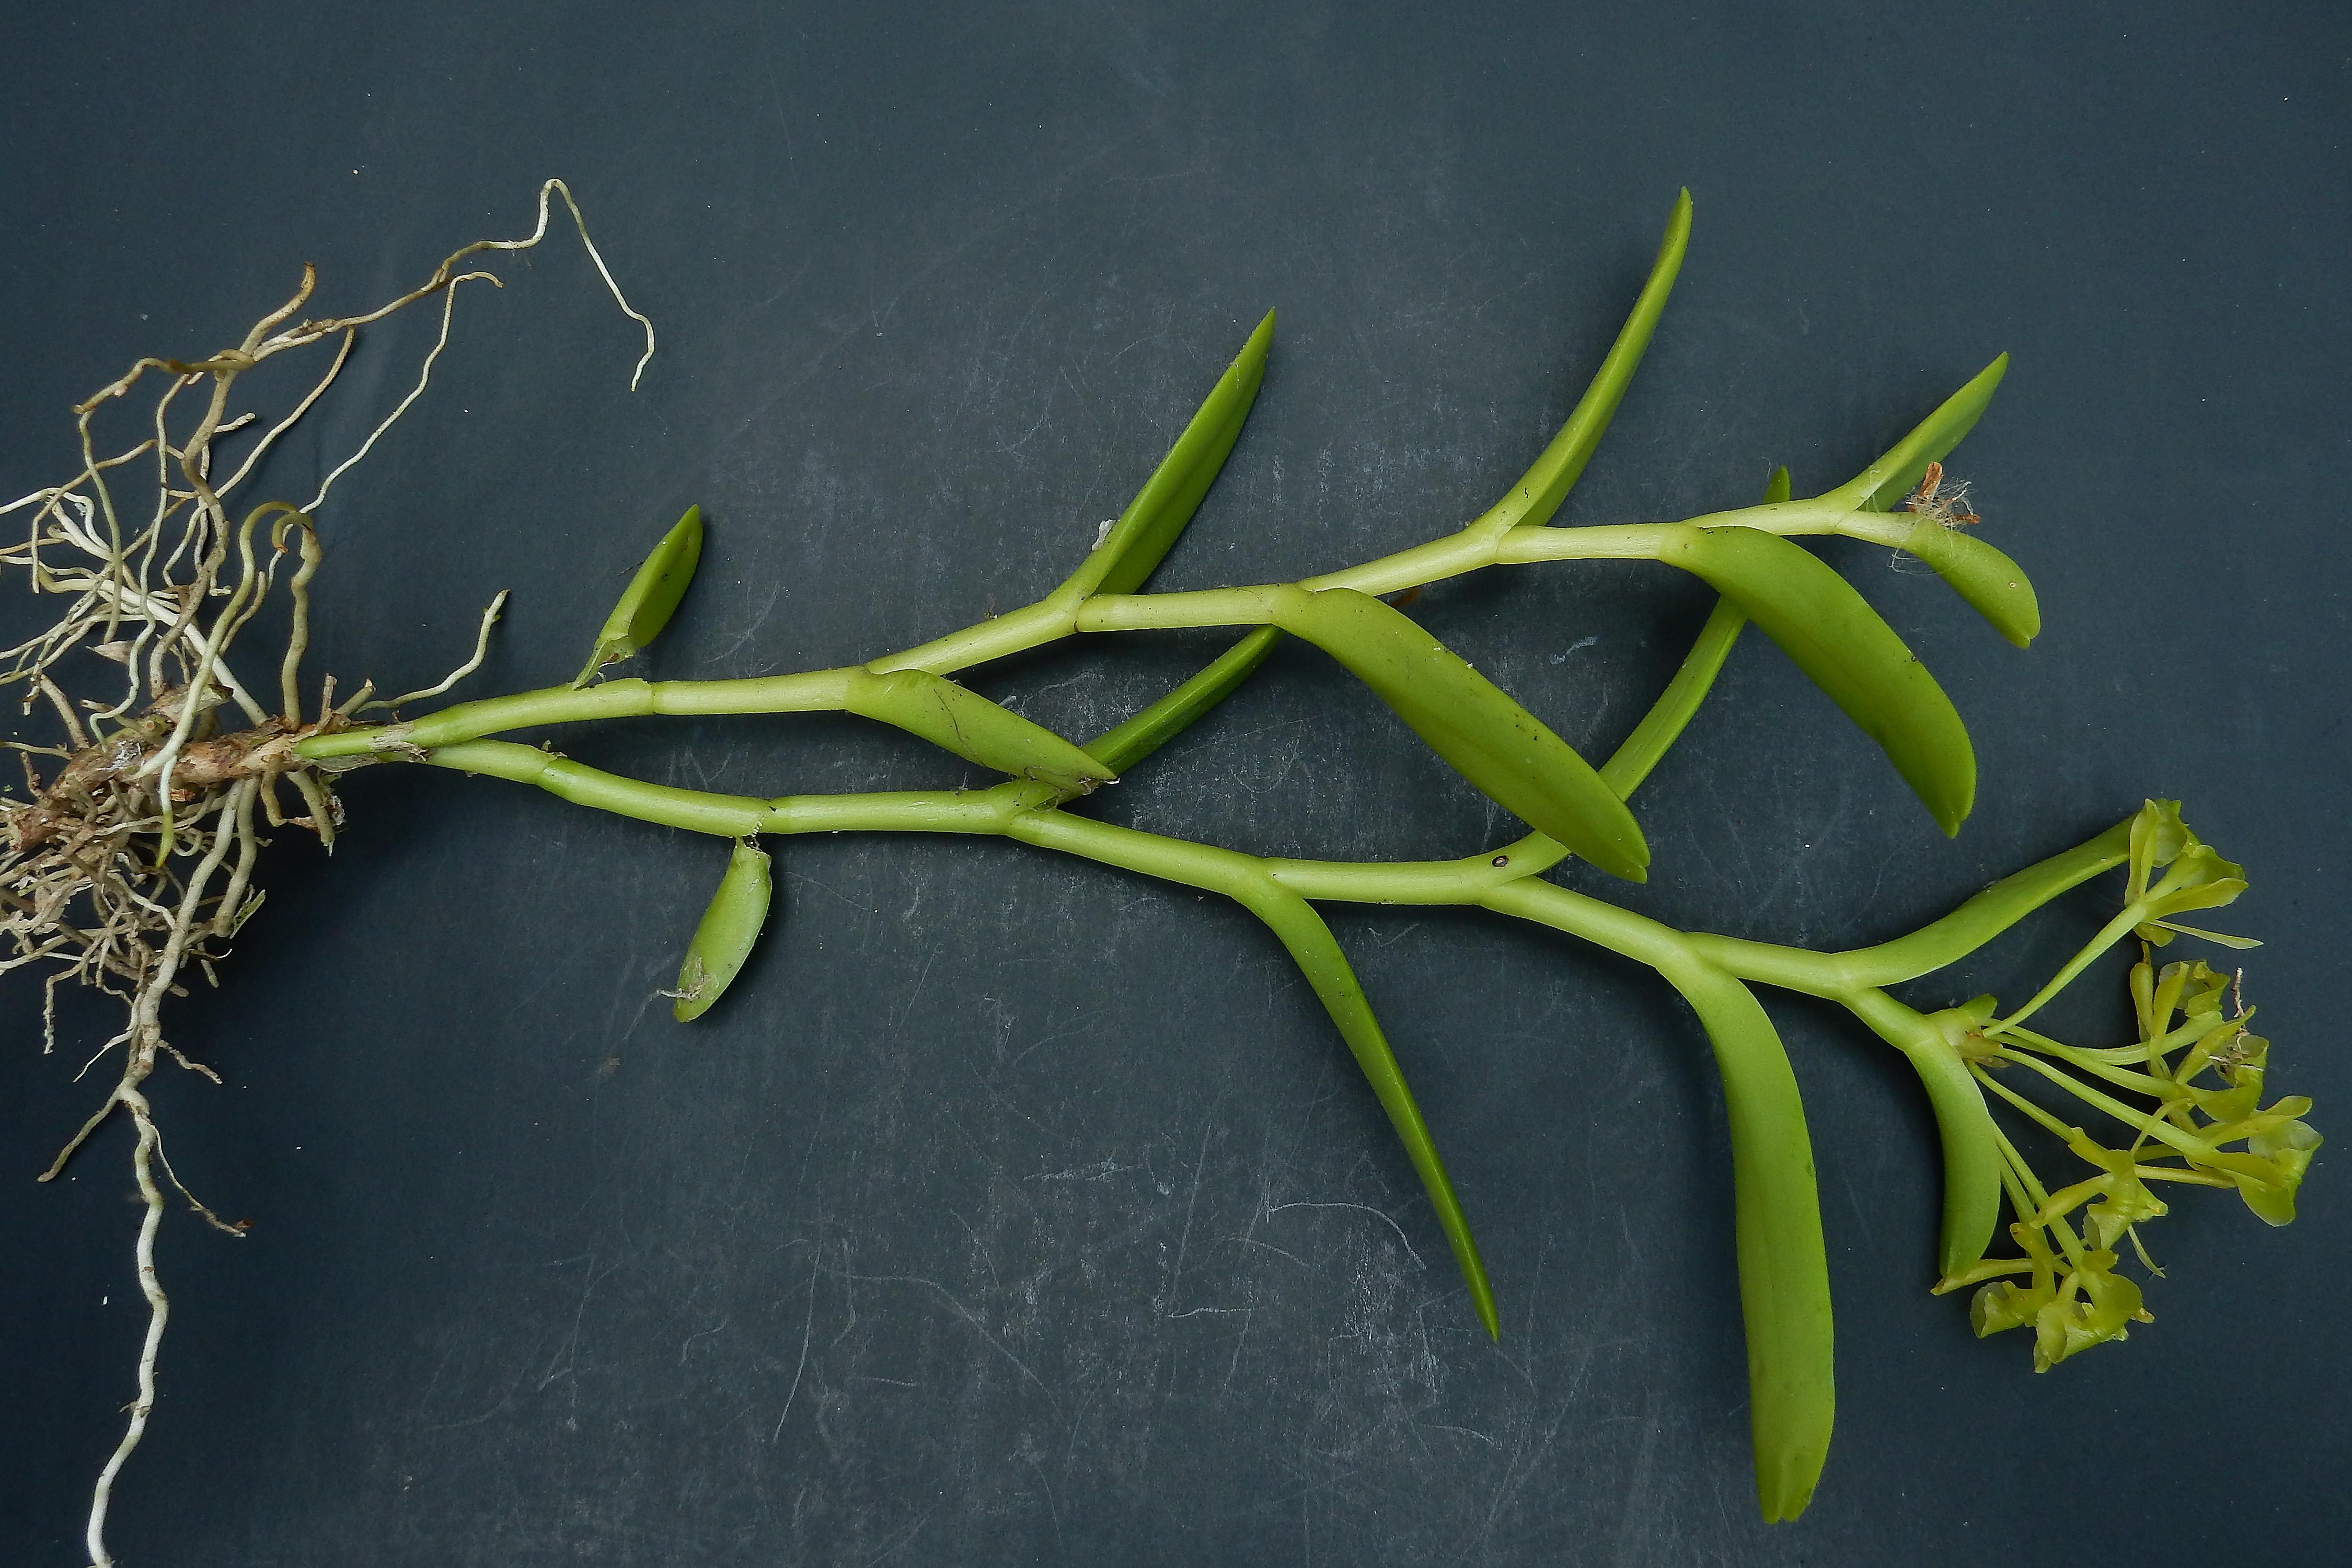 Epidendrum citrosmum image